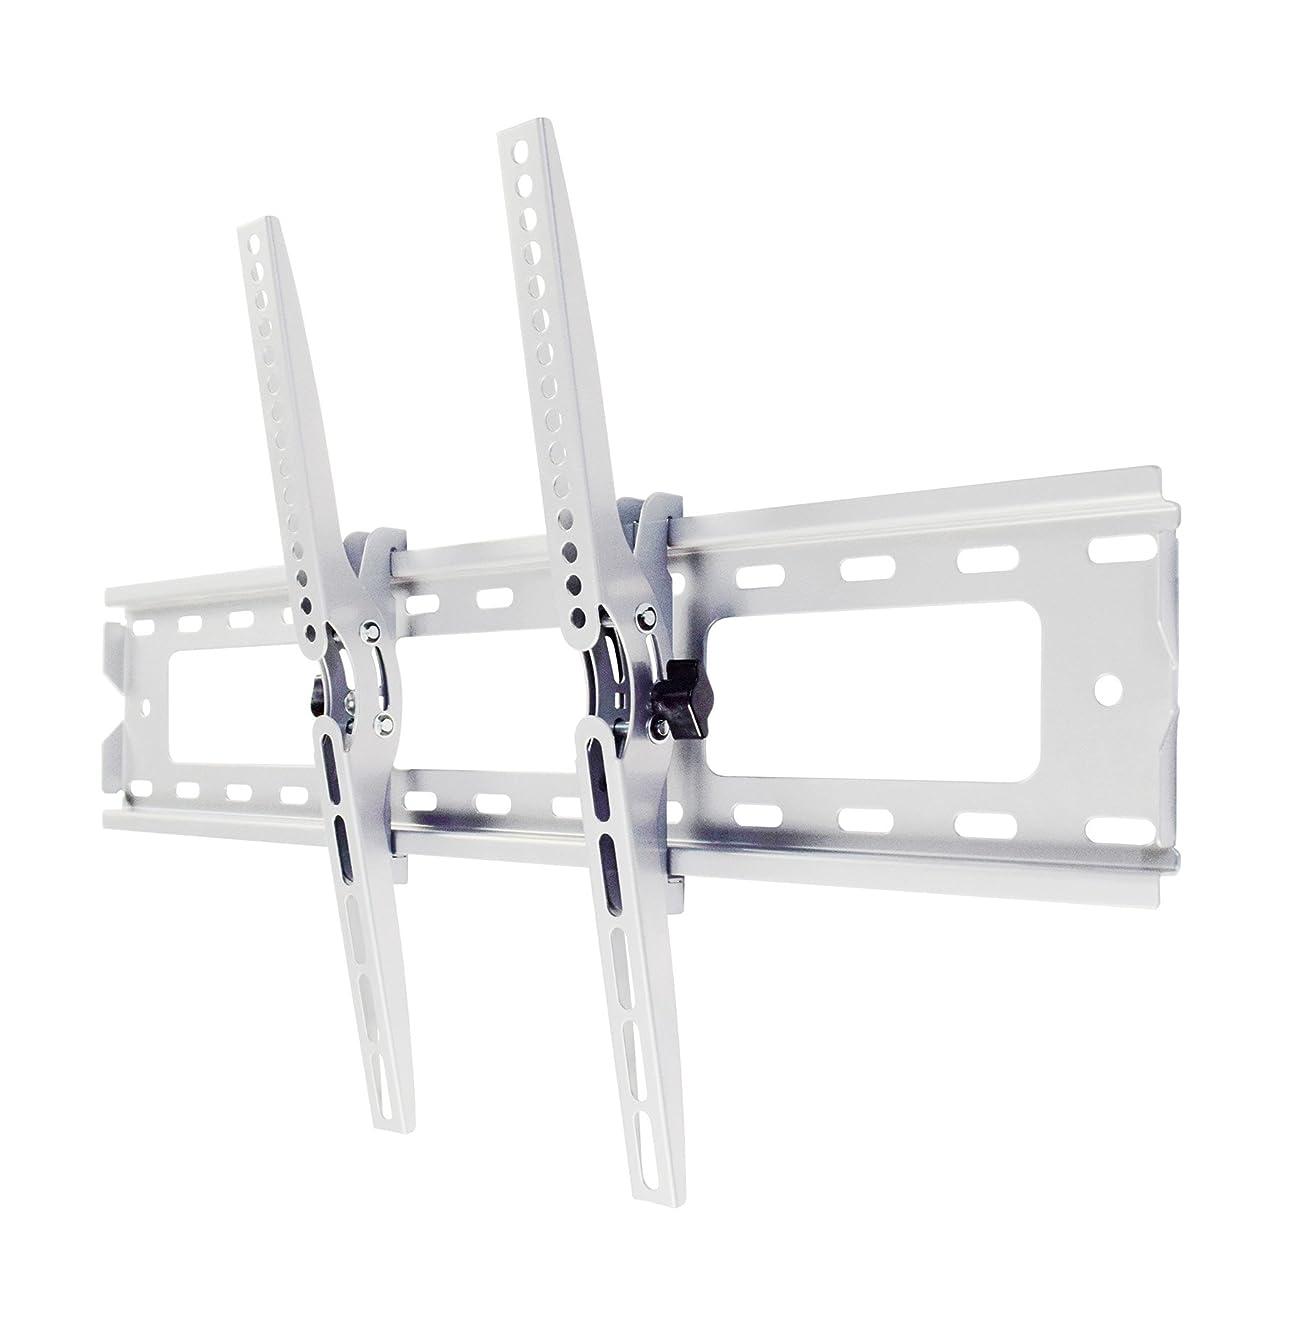 服を着るまもなく満足させるテレビ 壁掛け 金具 STARPLATINUM 液晶テレビ 37-65インチ対応 強度抜群 移動式 角度調節可能 TVセッターチルト1 Mサイズ 振動検査実施済 ホワイト